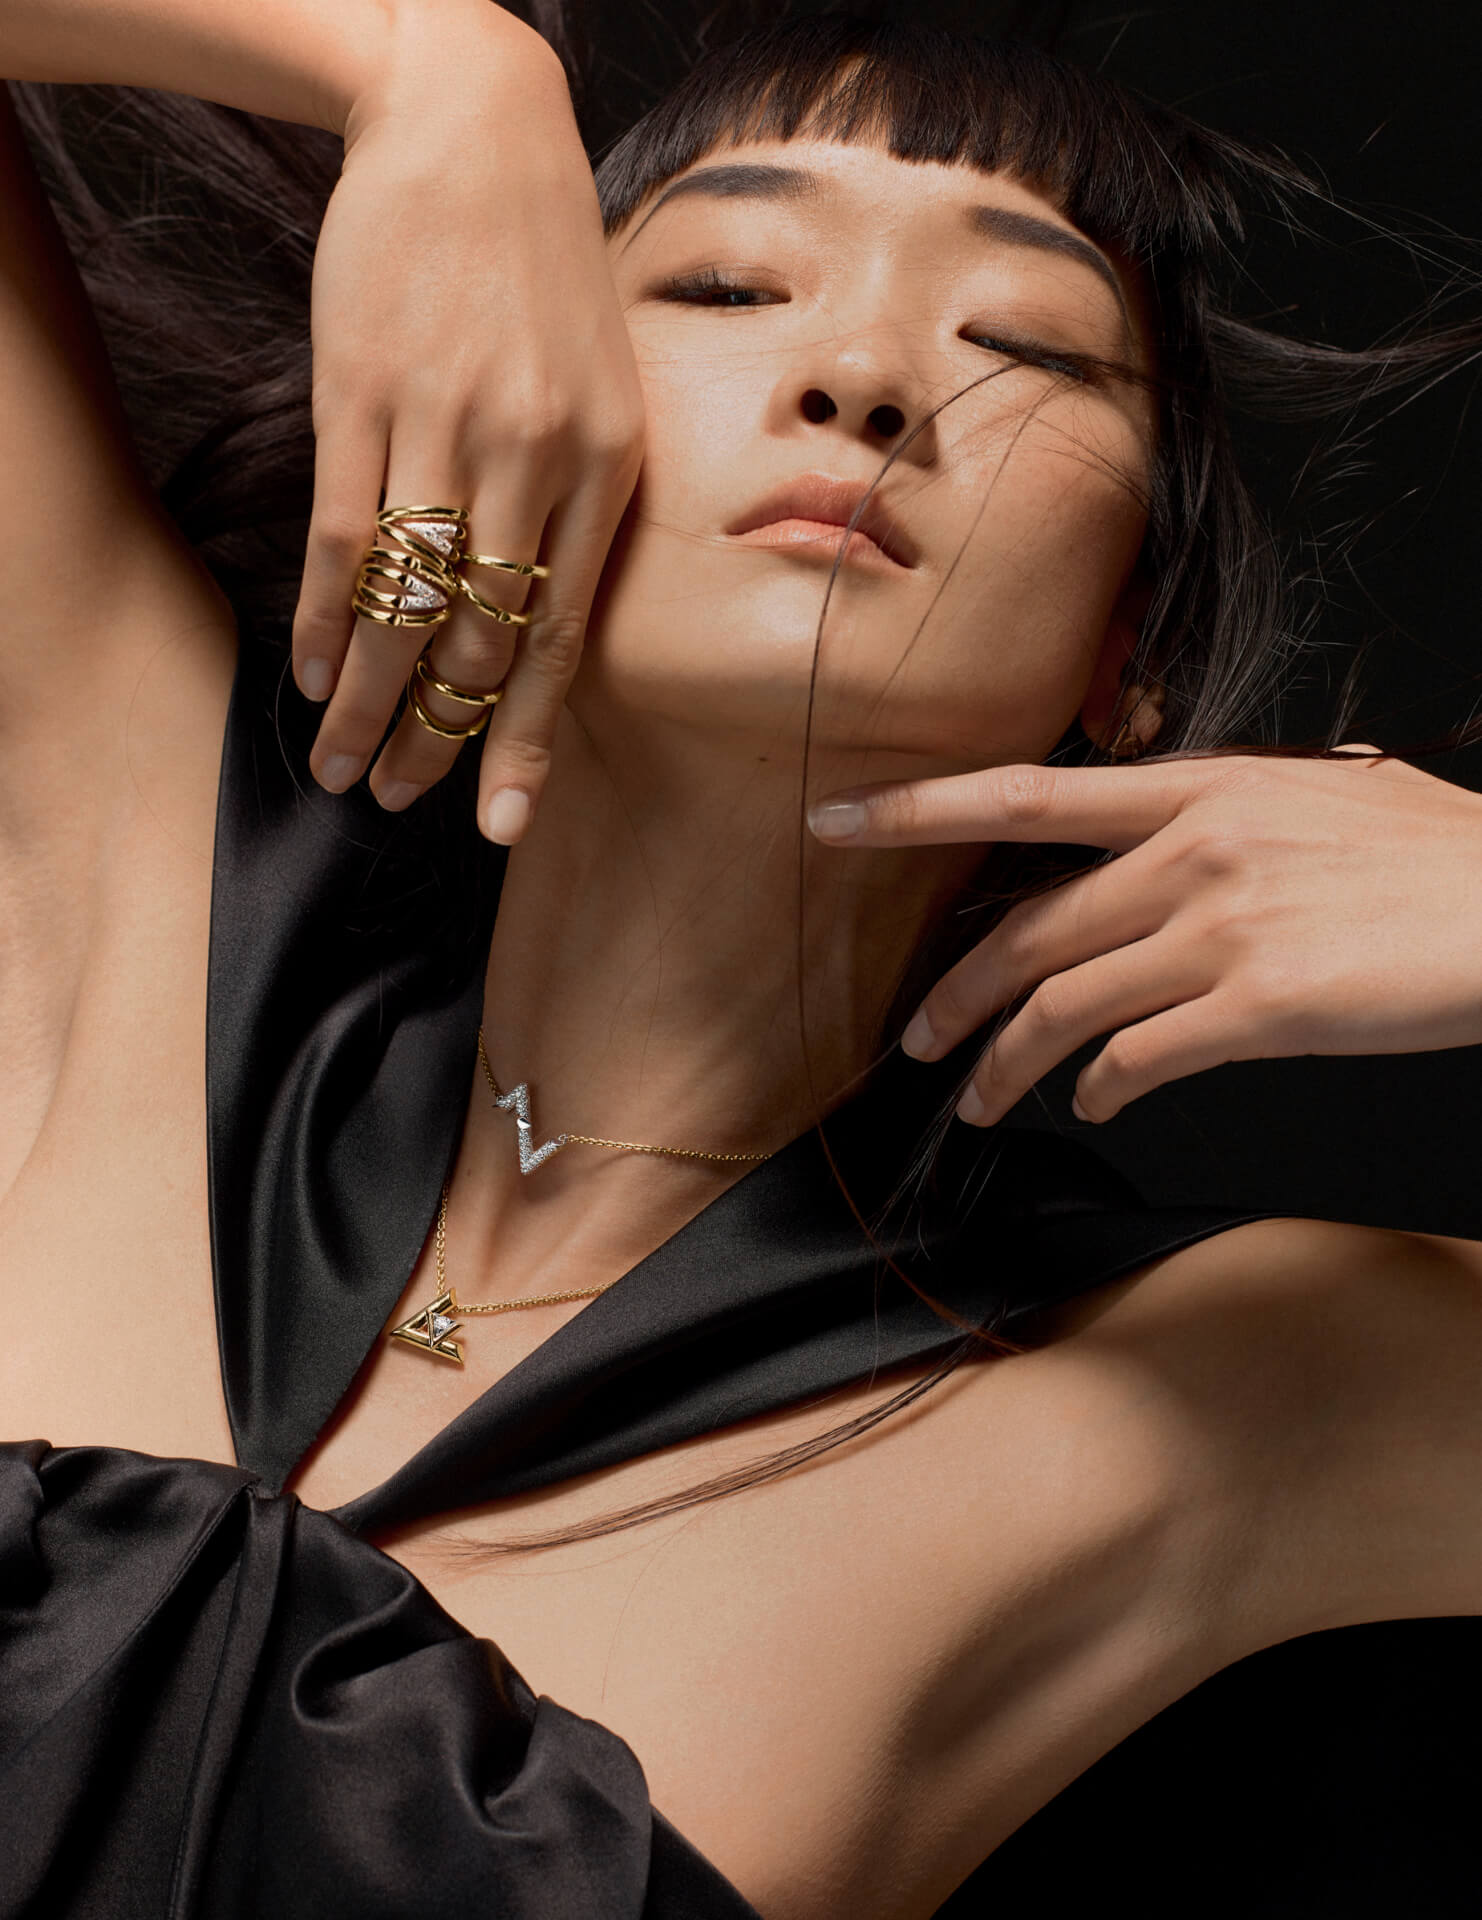 ルイ・ヴィトンから新作ジュエリーコレクション「LV ヴォルト」が発売決定!ブランド初となるユニセックスのデザインに fashion2020728_louisvuitton9